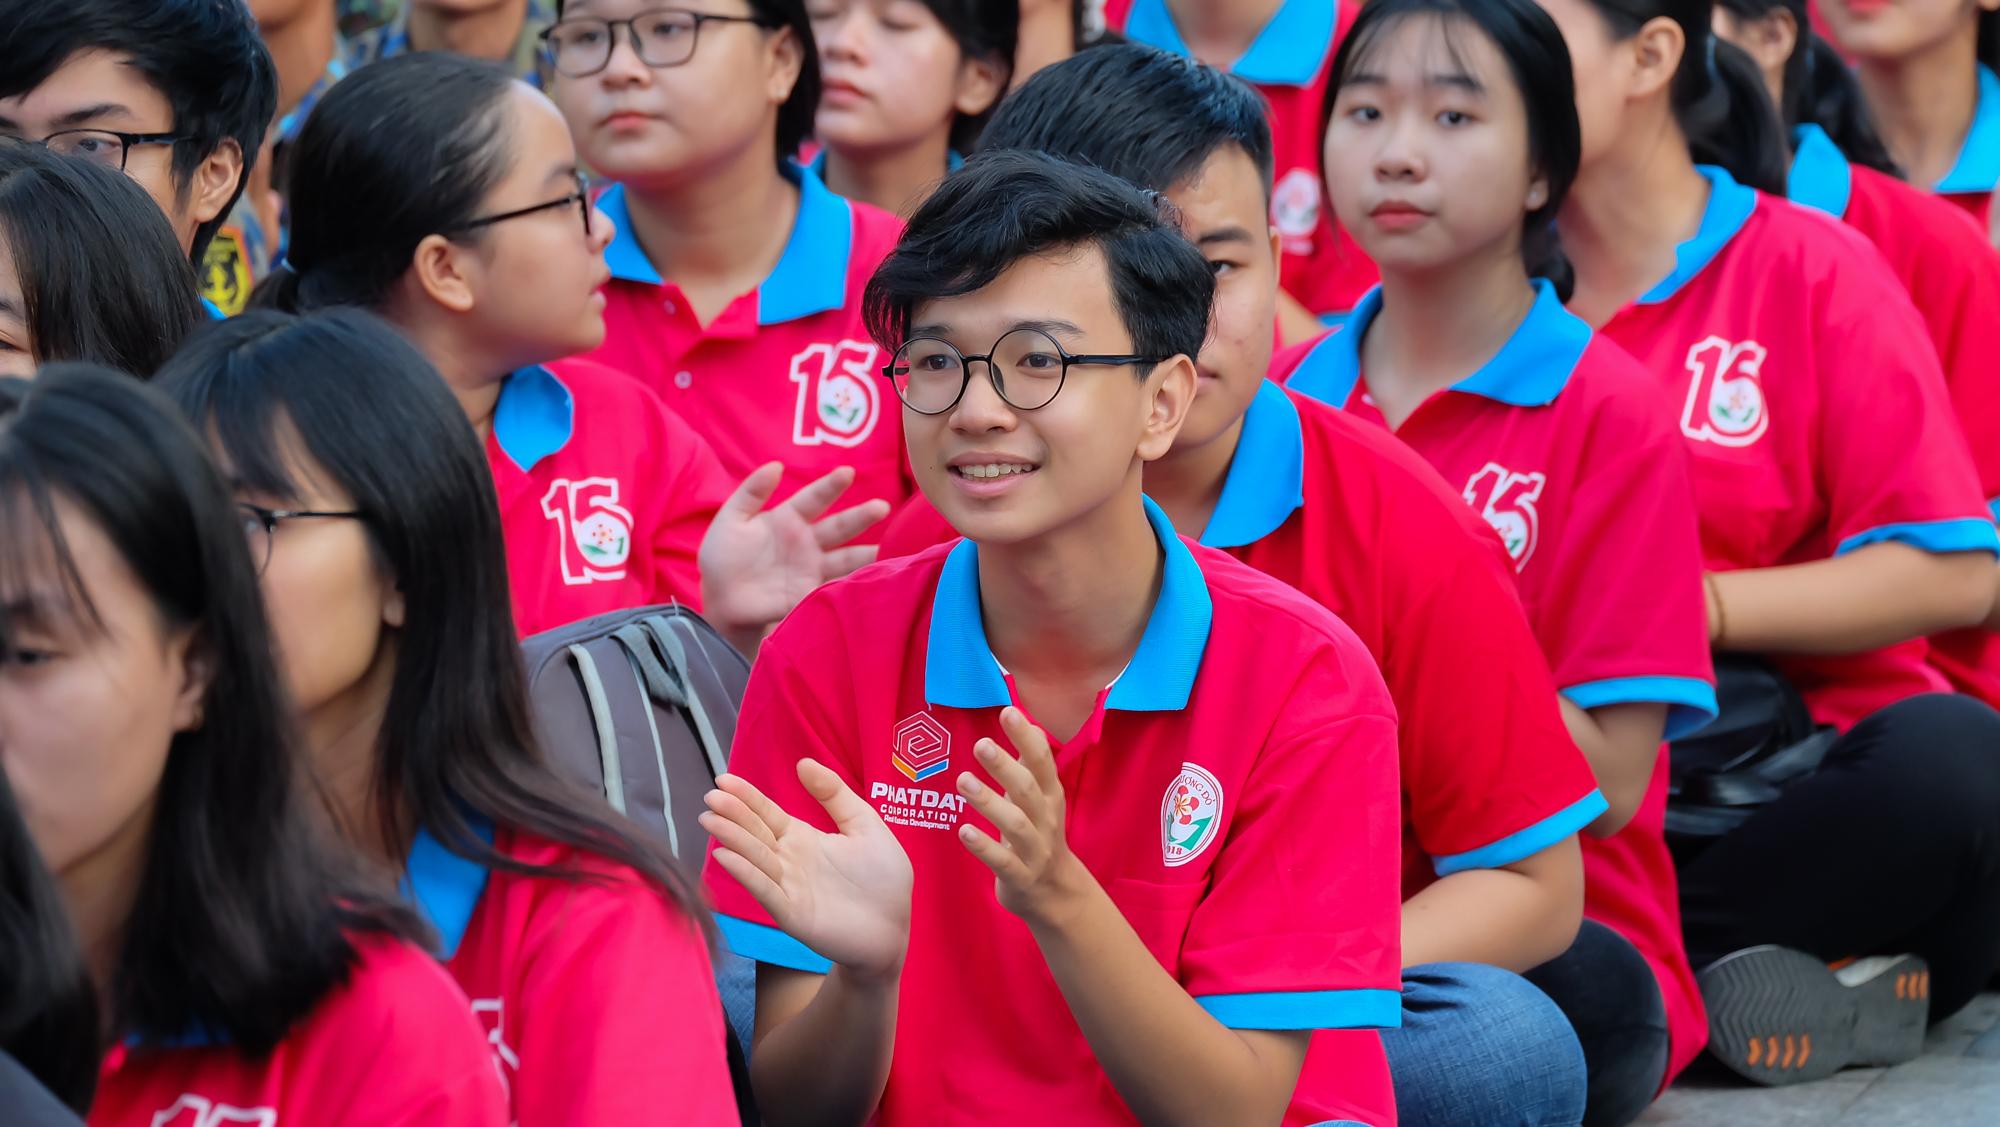 Phát Đạt lần thứ 10 đồng hành cùng Chiến dịch Thanh niên tình nguyện hè 2020 - Ảnh 3.